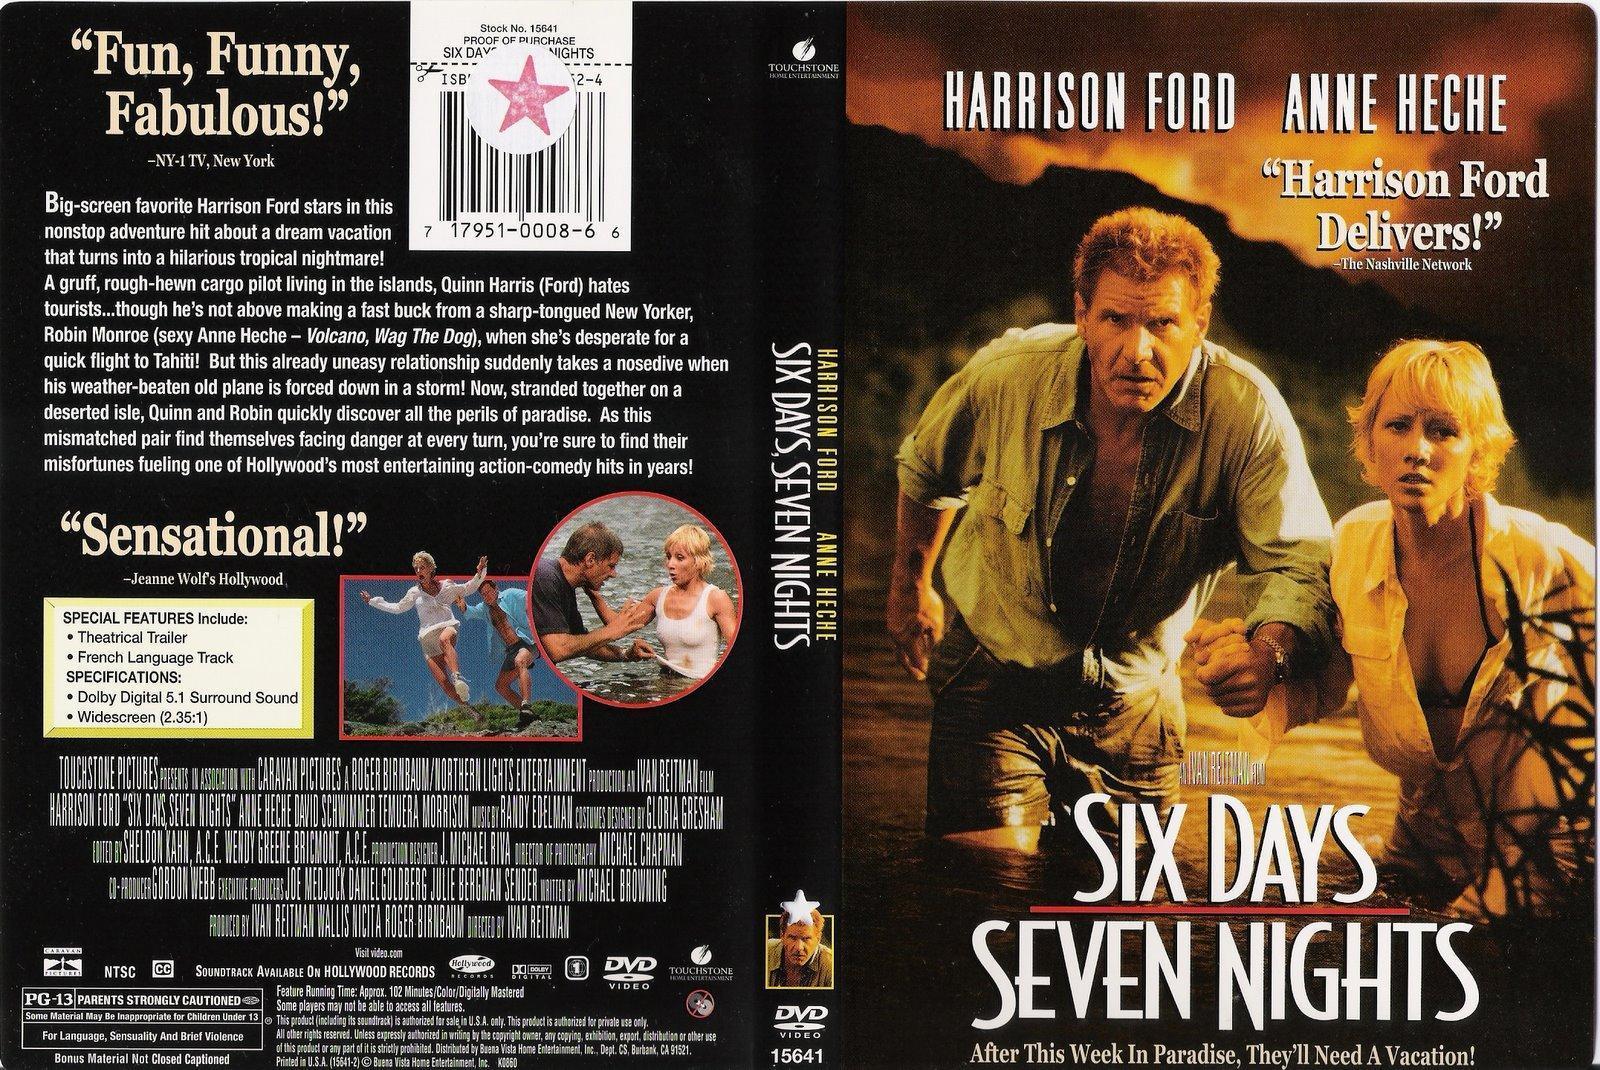 Siete dias siete noches 2002 - 2 9